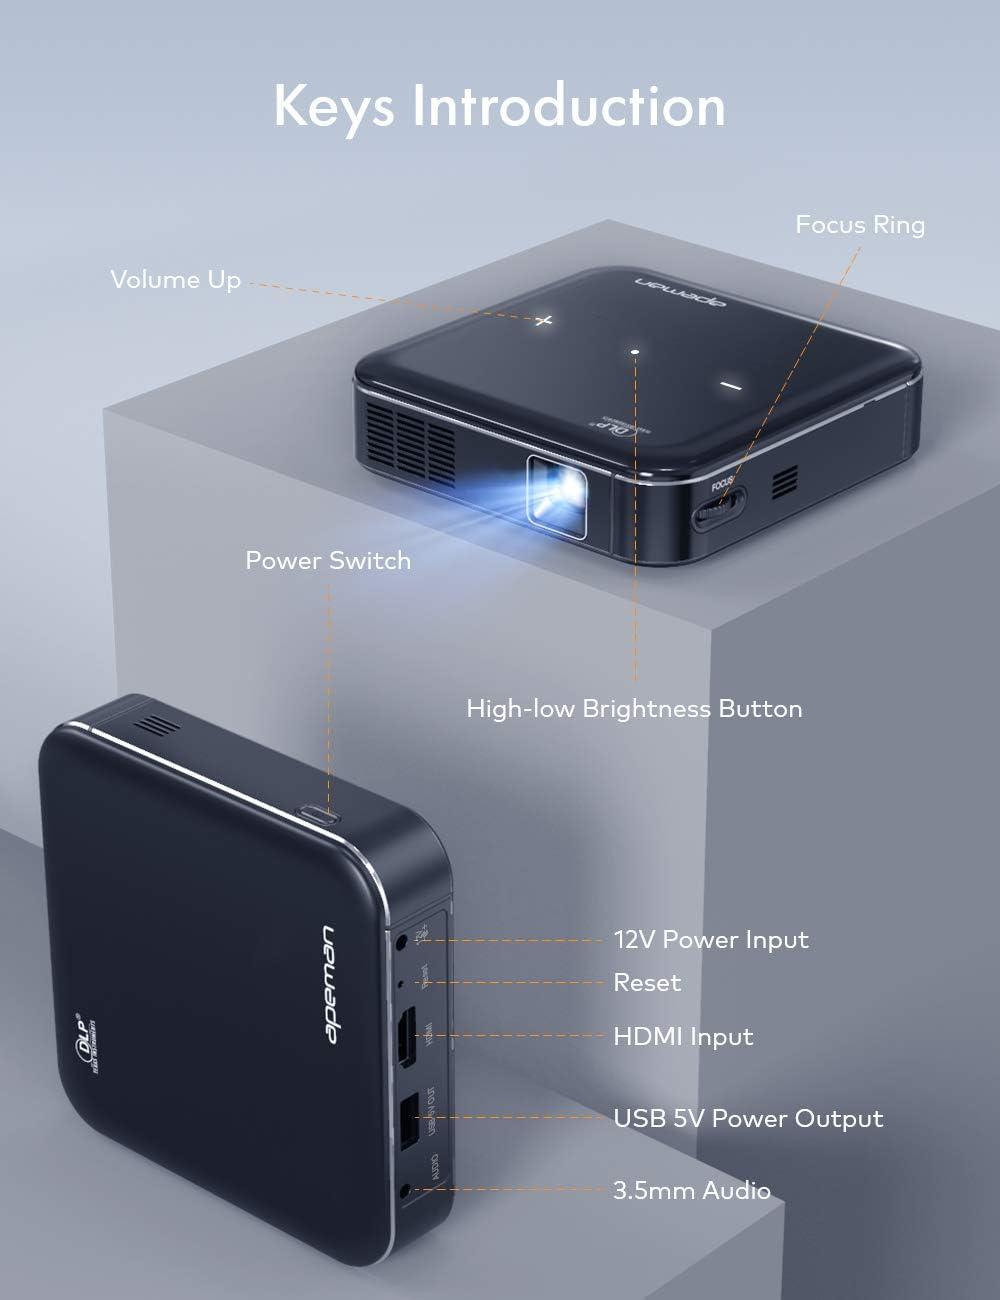 Proiettore APEMAN Mini Proiettore M400 Portatile DLP 1080P,Supporto per Altoparlanti Stereo Con Batteria Ricaricabile Integrata e Ingresso HDMI Proiettore Tascabile per La Casa e Lesterno.